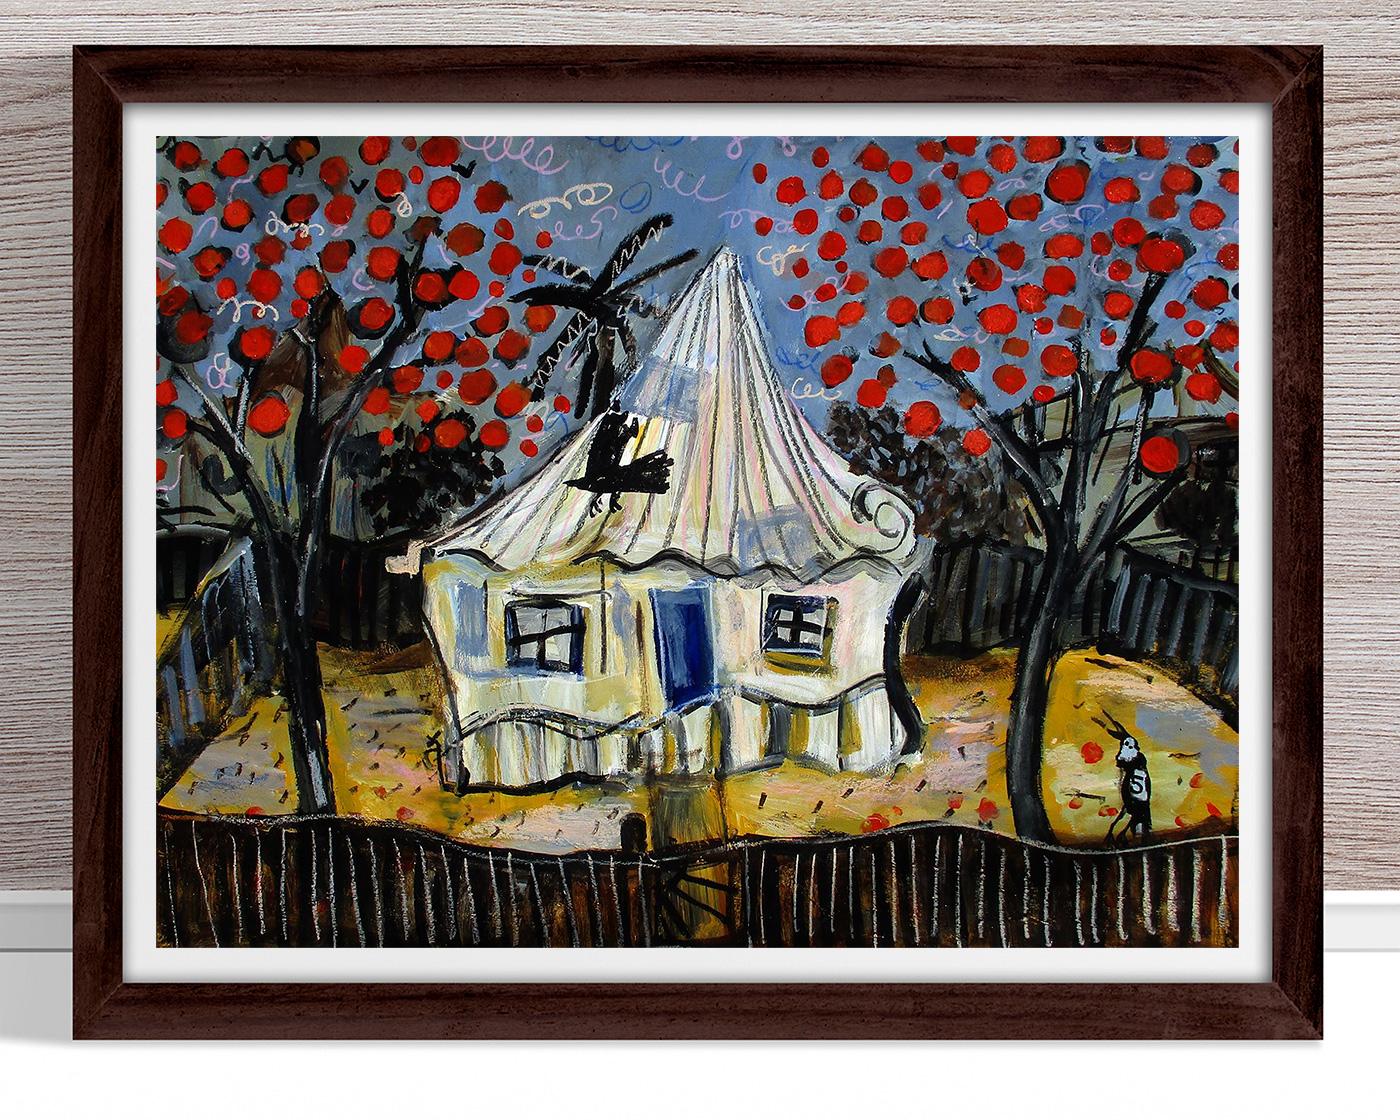 Glenn Brady - 'Front Yard Red Flower Trees' Framed